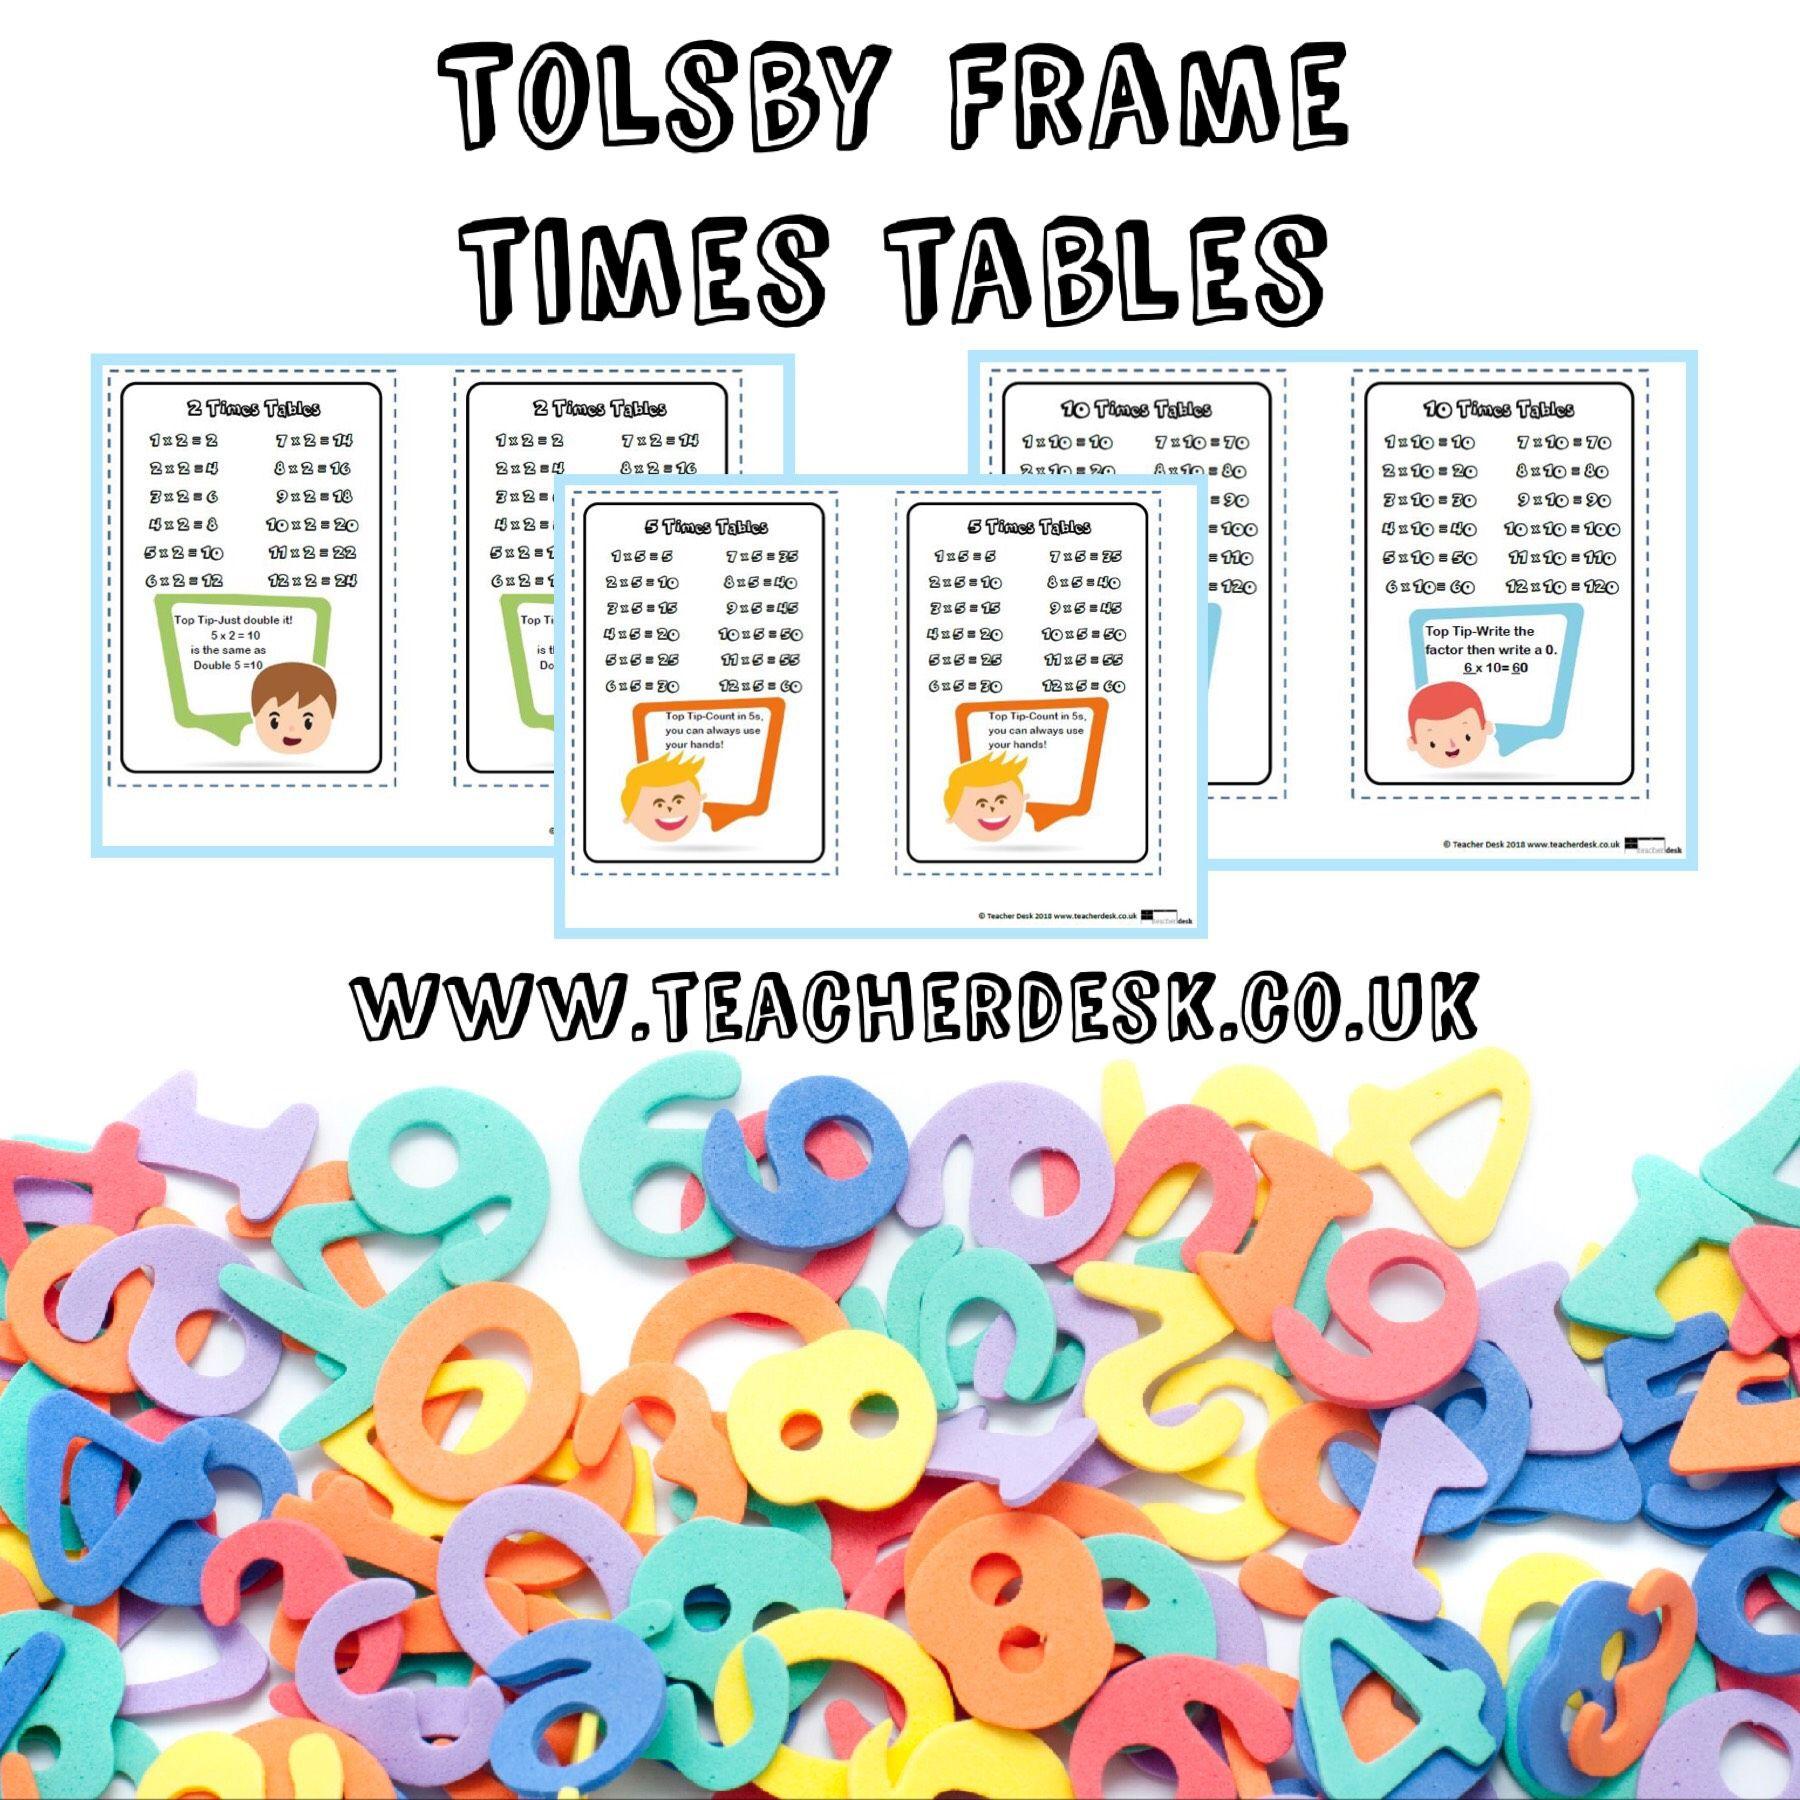 Tolsby Frame Times Tables Teacher Desk Teacherdesk